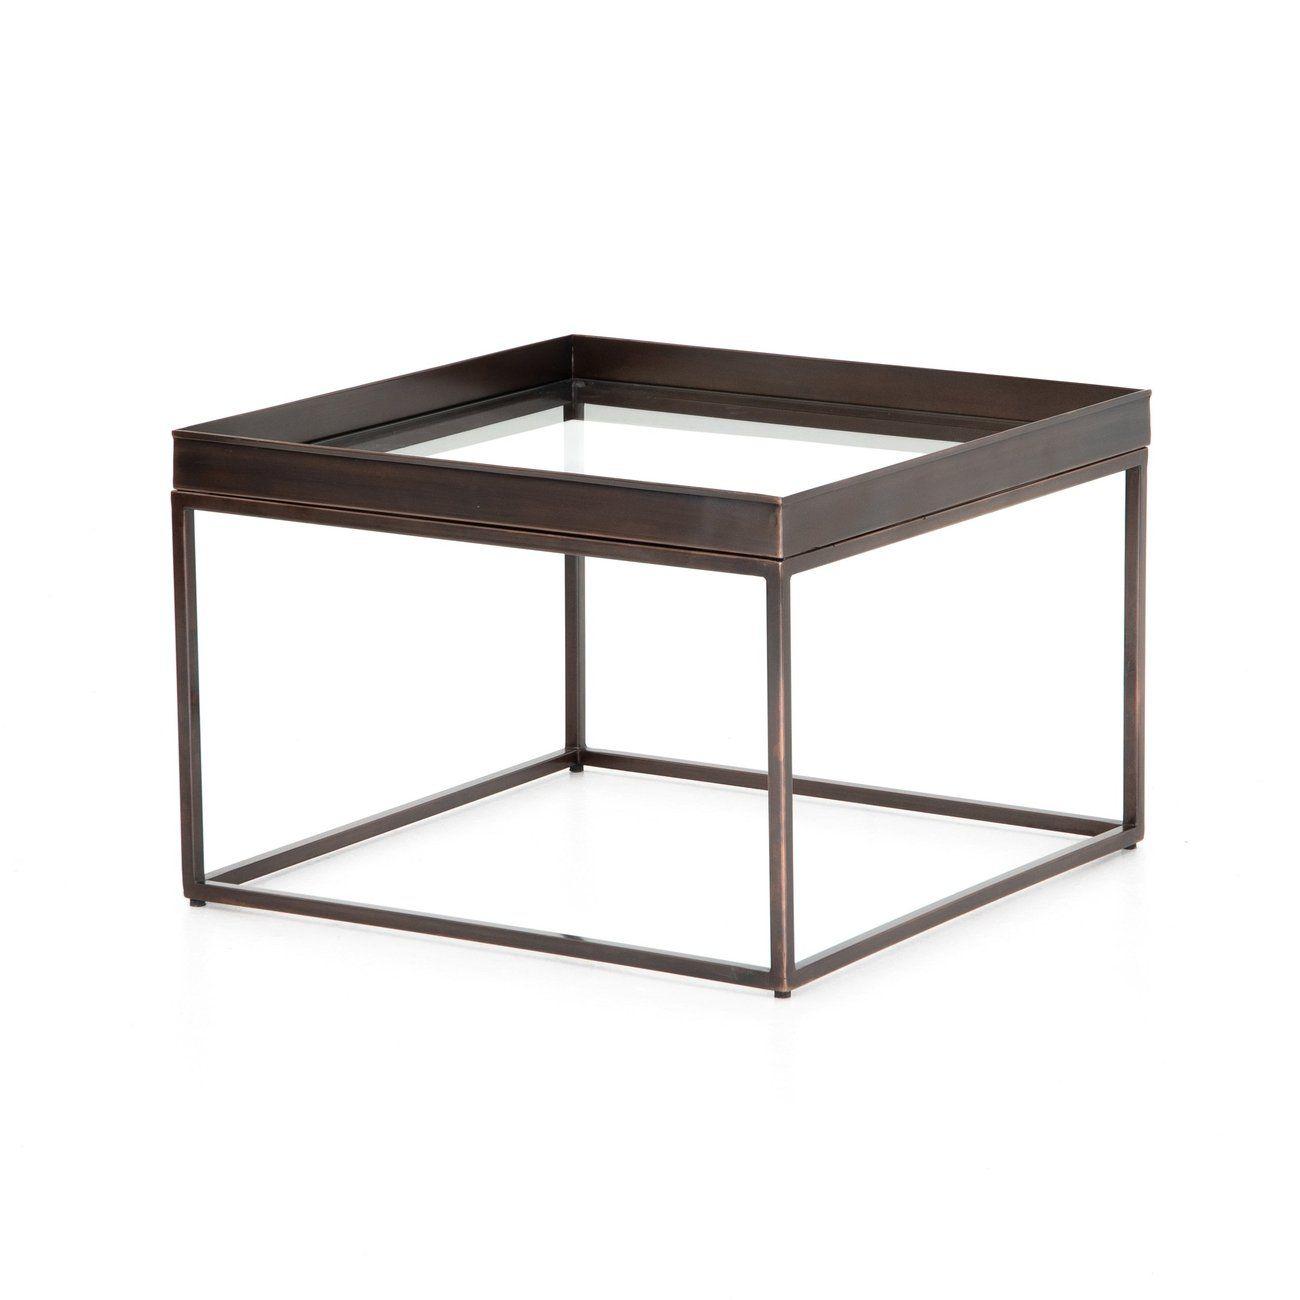 55 Best Of Kline Modern Coffee Table 2020 Grey Wood Coffee Table Coffee Table Coffee Table Wood [ 1284 x 1284 Pixel ]